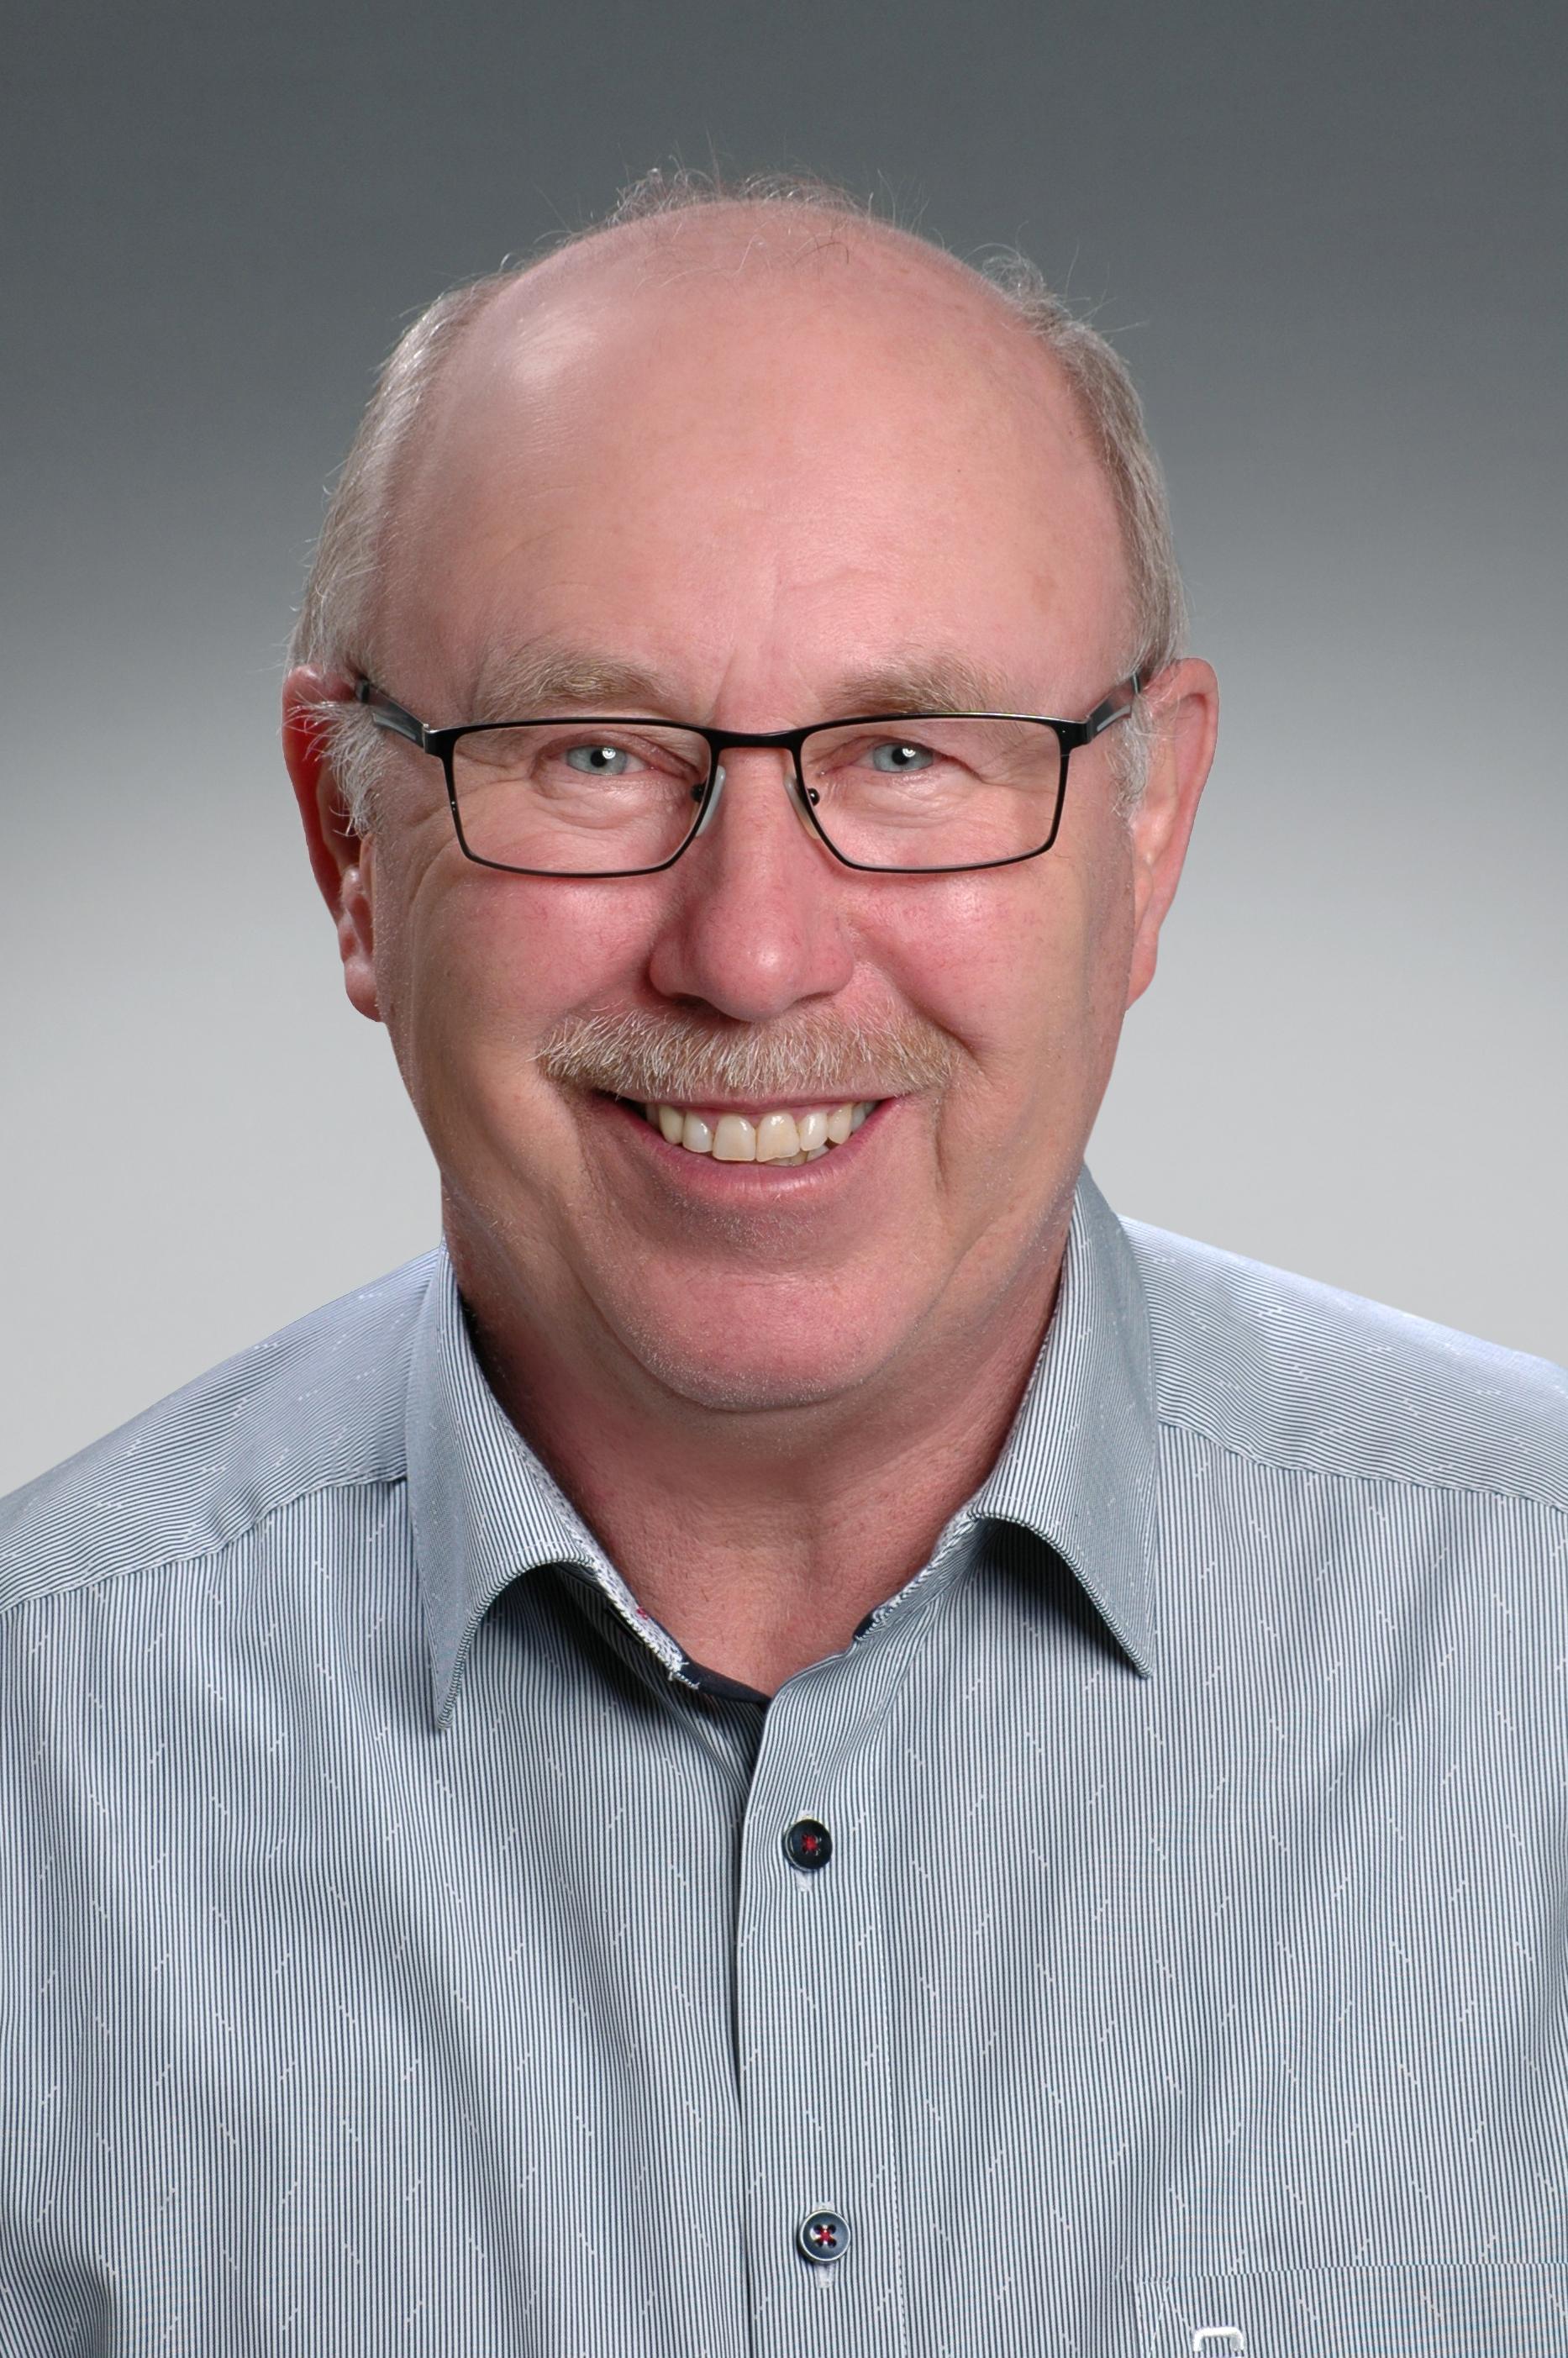 Josef Wanner